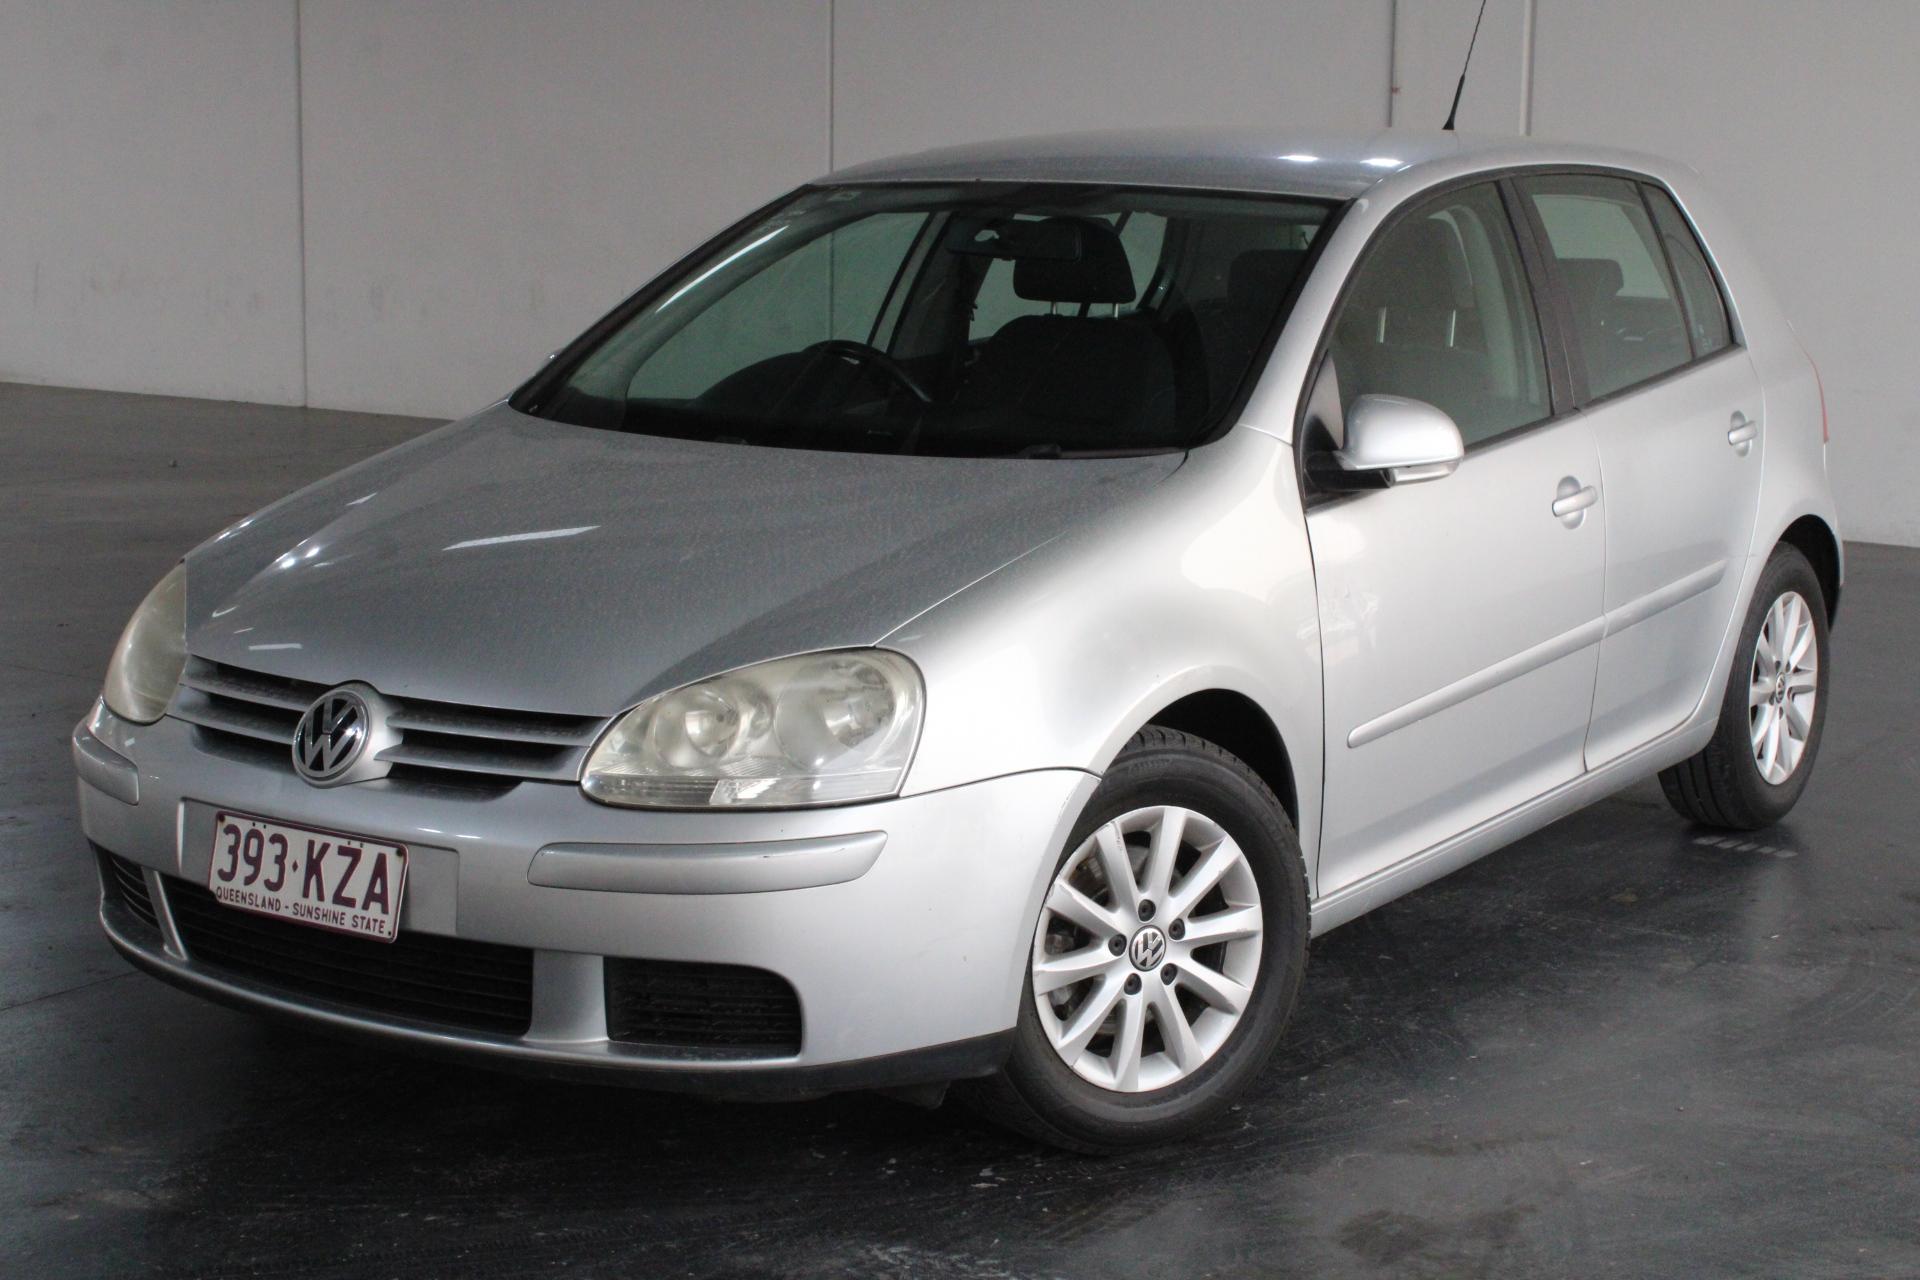 2008 Volkswagen Golf 1.6 Edition 1k Automatic Hatchback